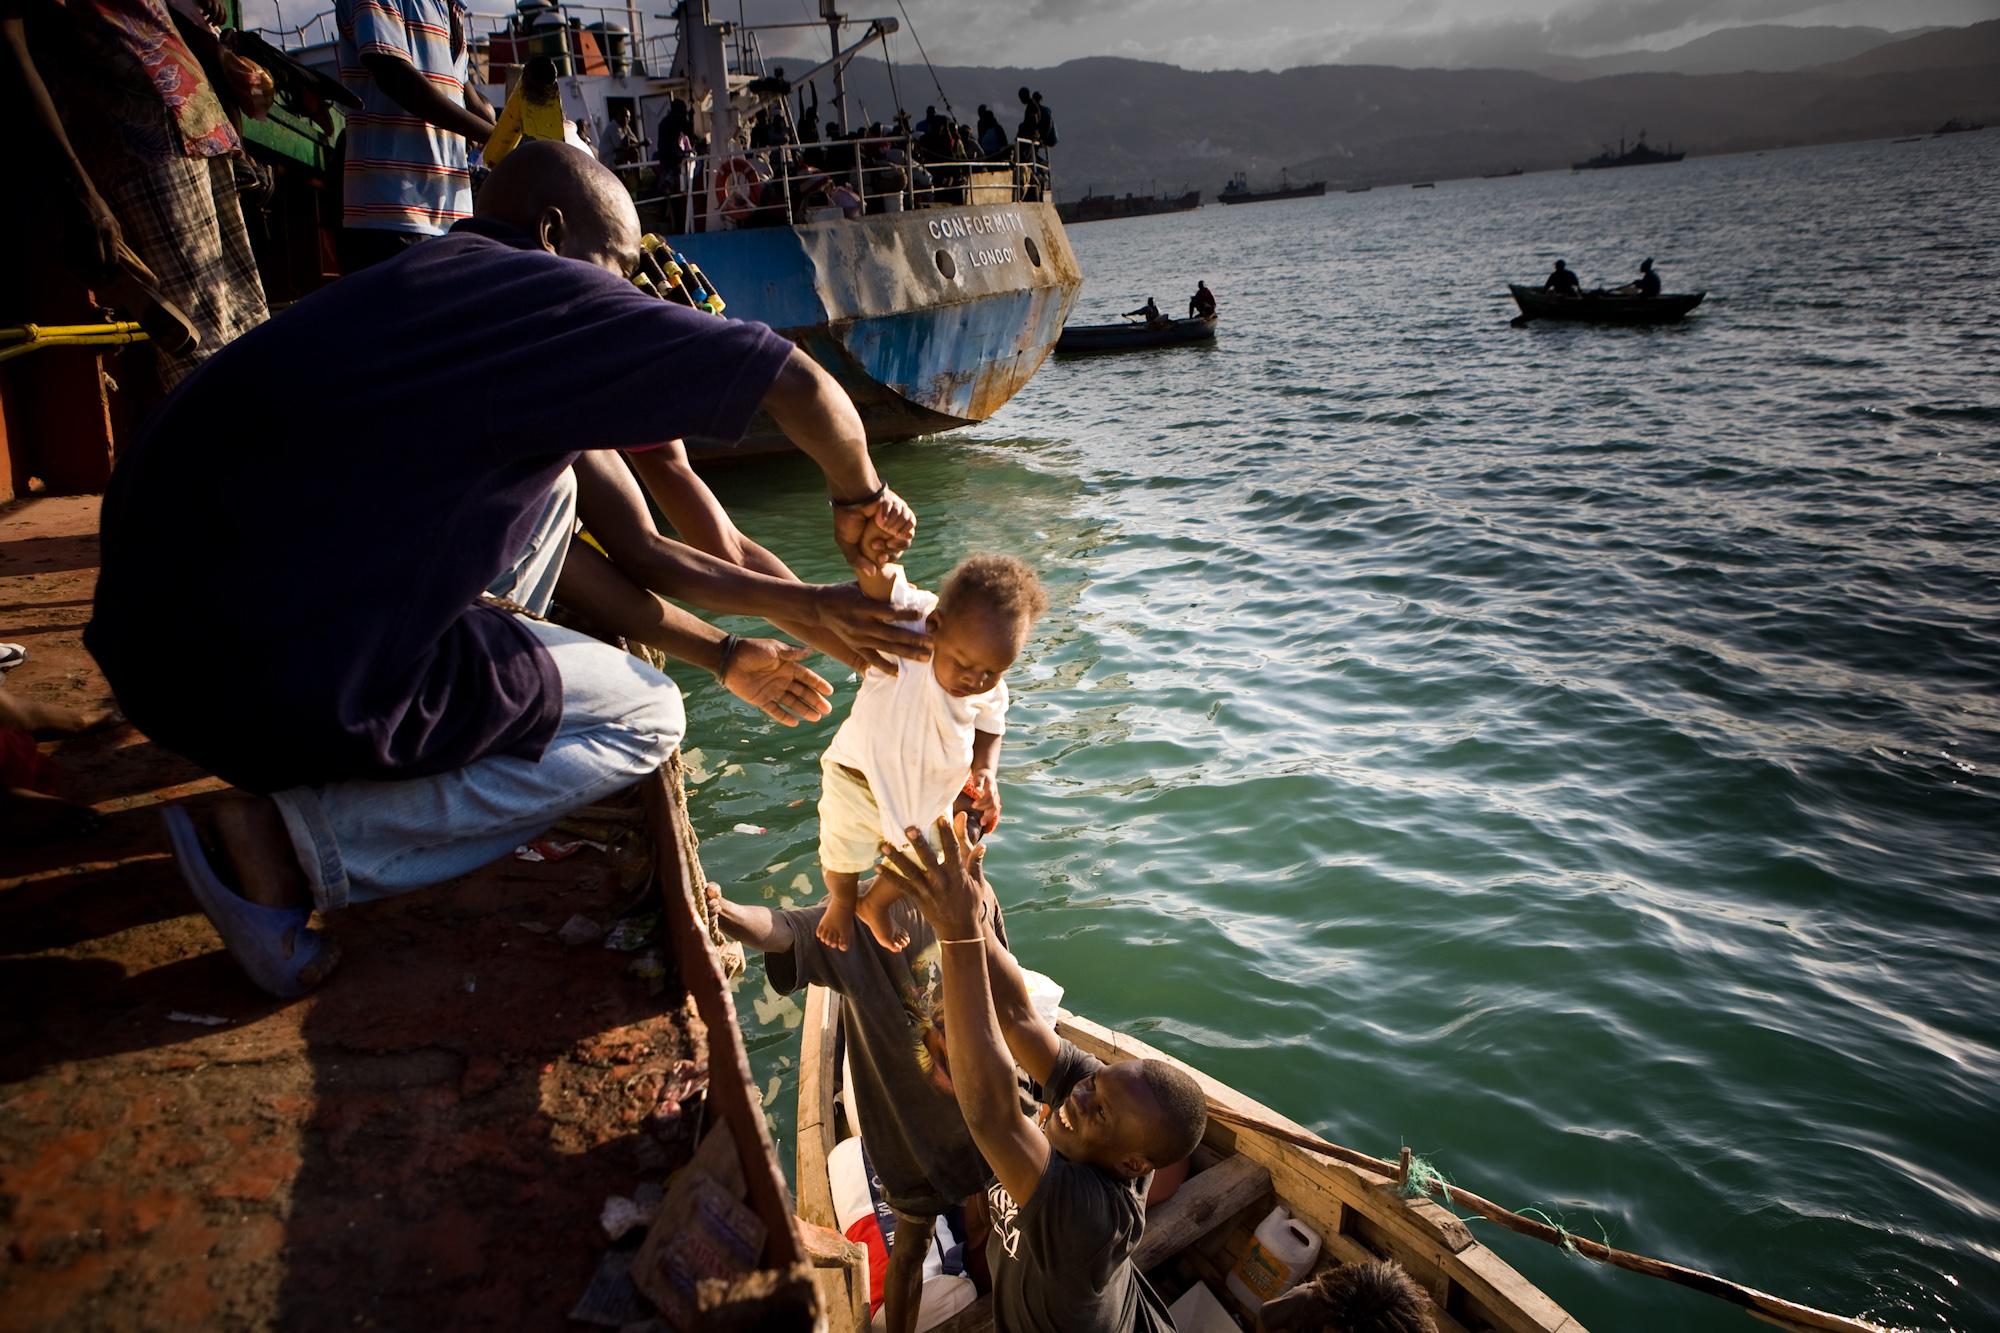 Haiti_Earthquake_new_seq_022.jpg